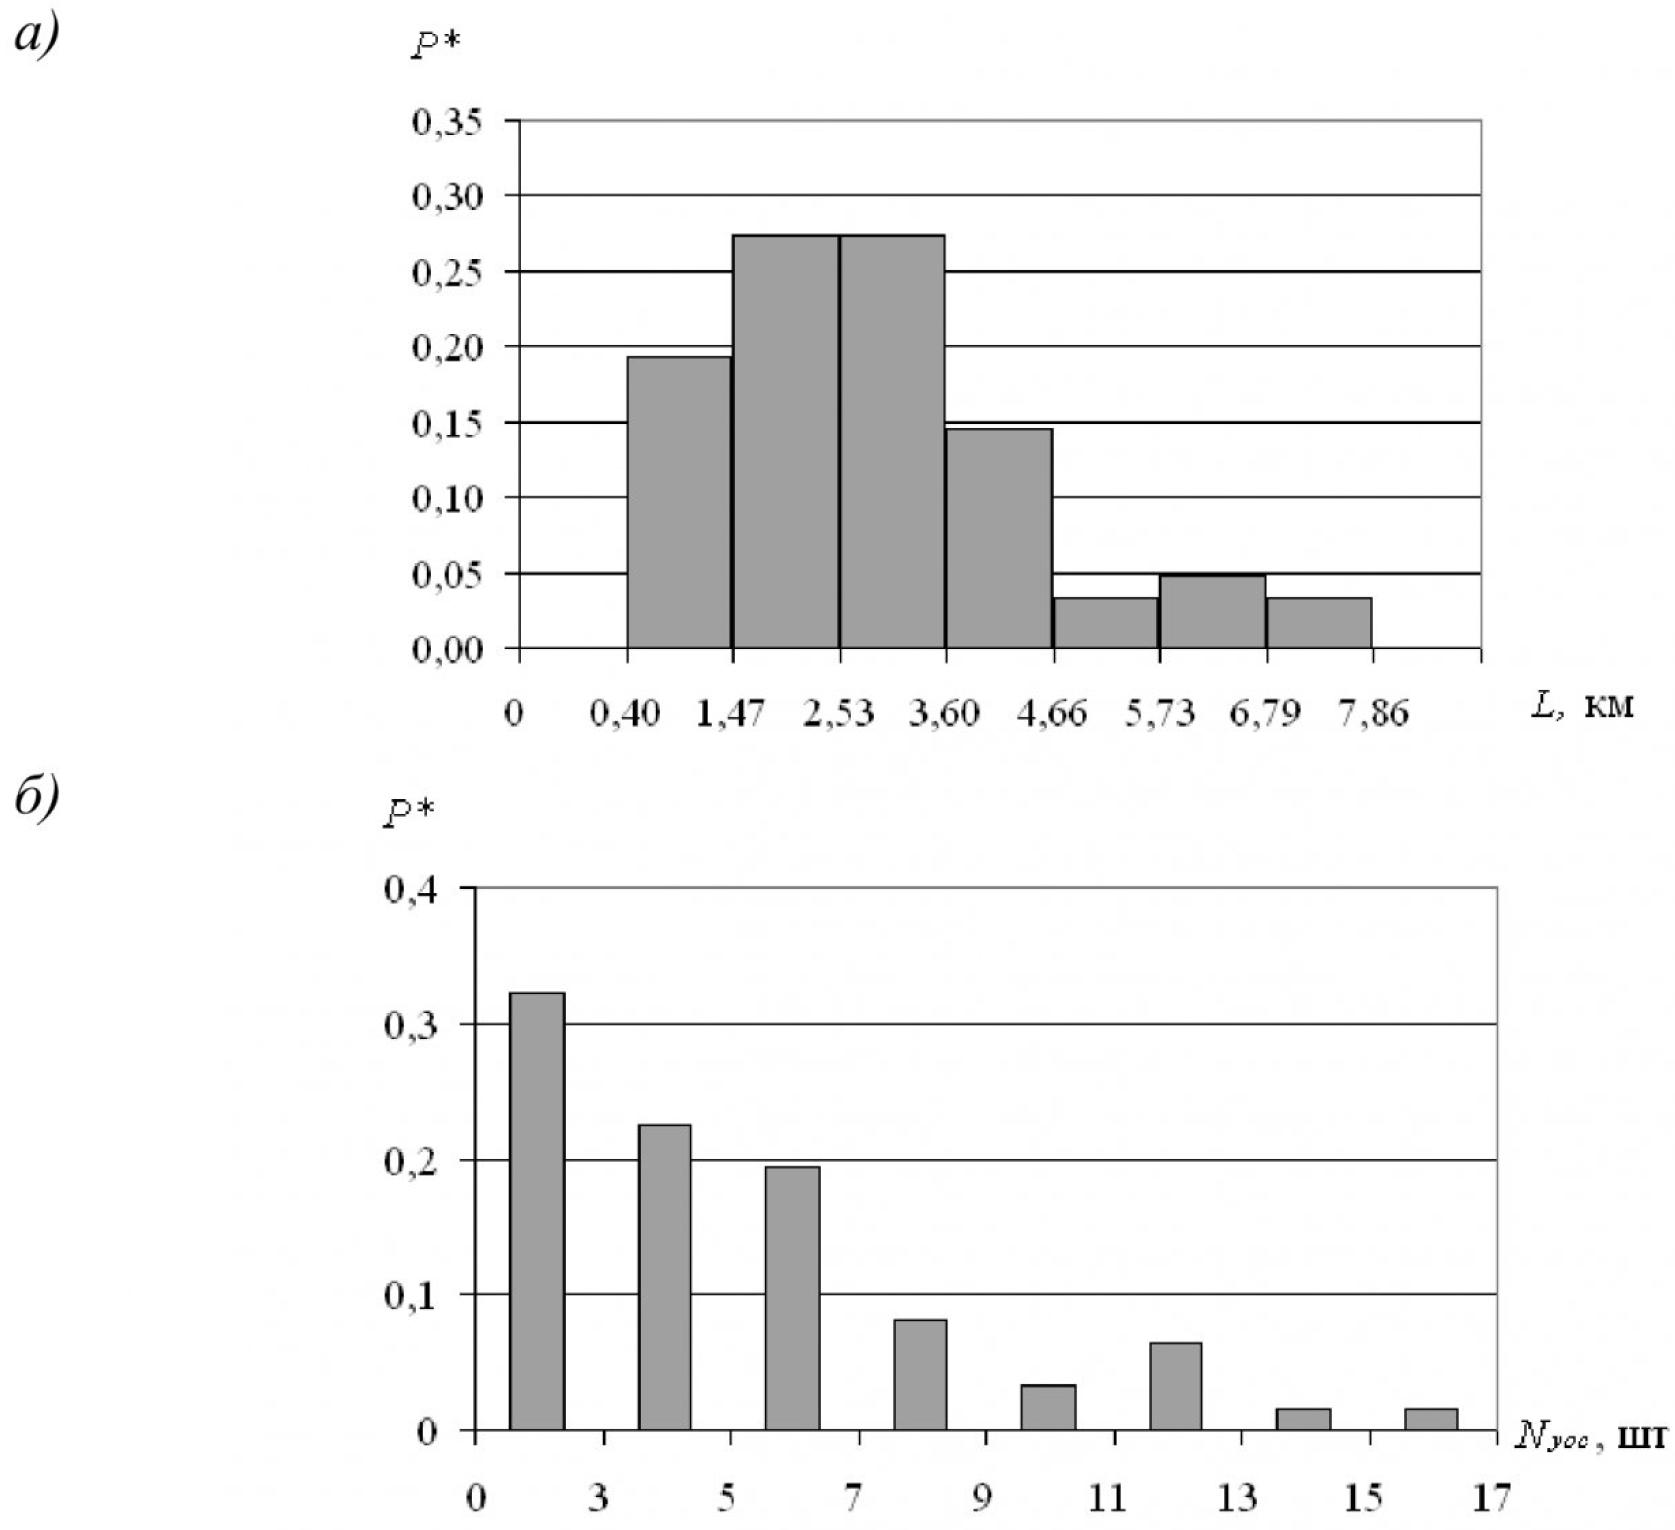 Влияние конструктивных и технико-эксплуатационных факторов на надежность воздушных линий электропередачи угольных разрезов 2